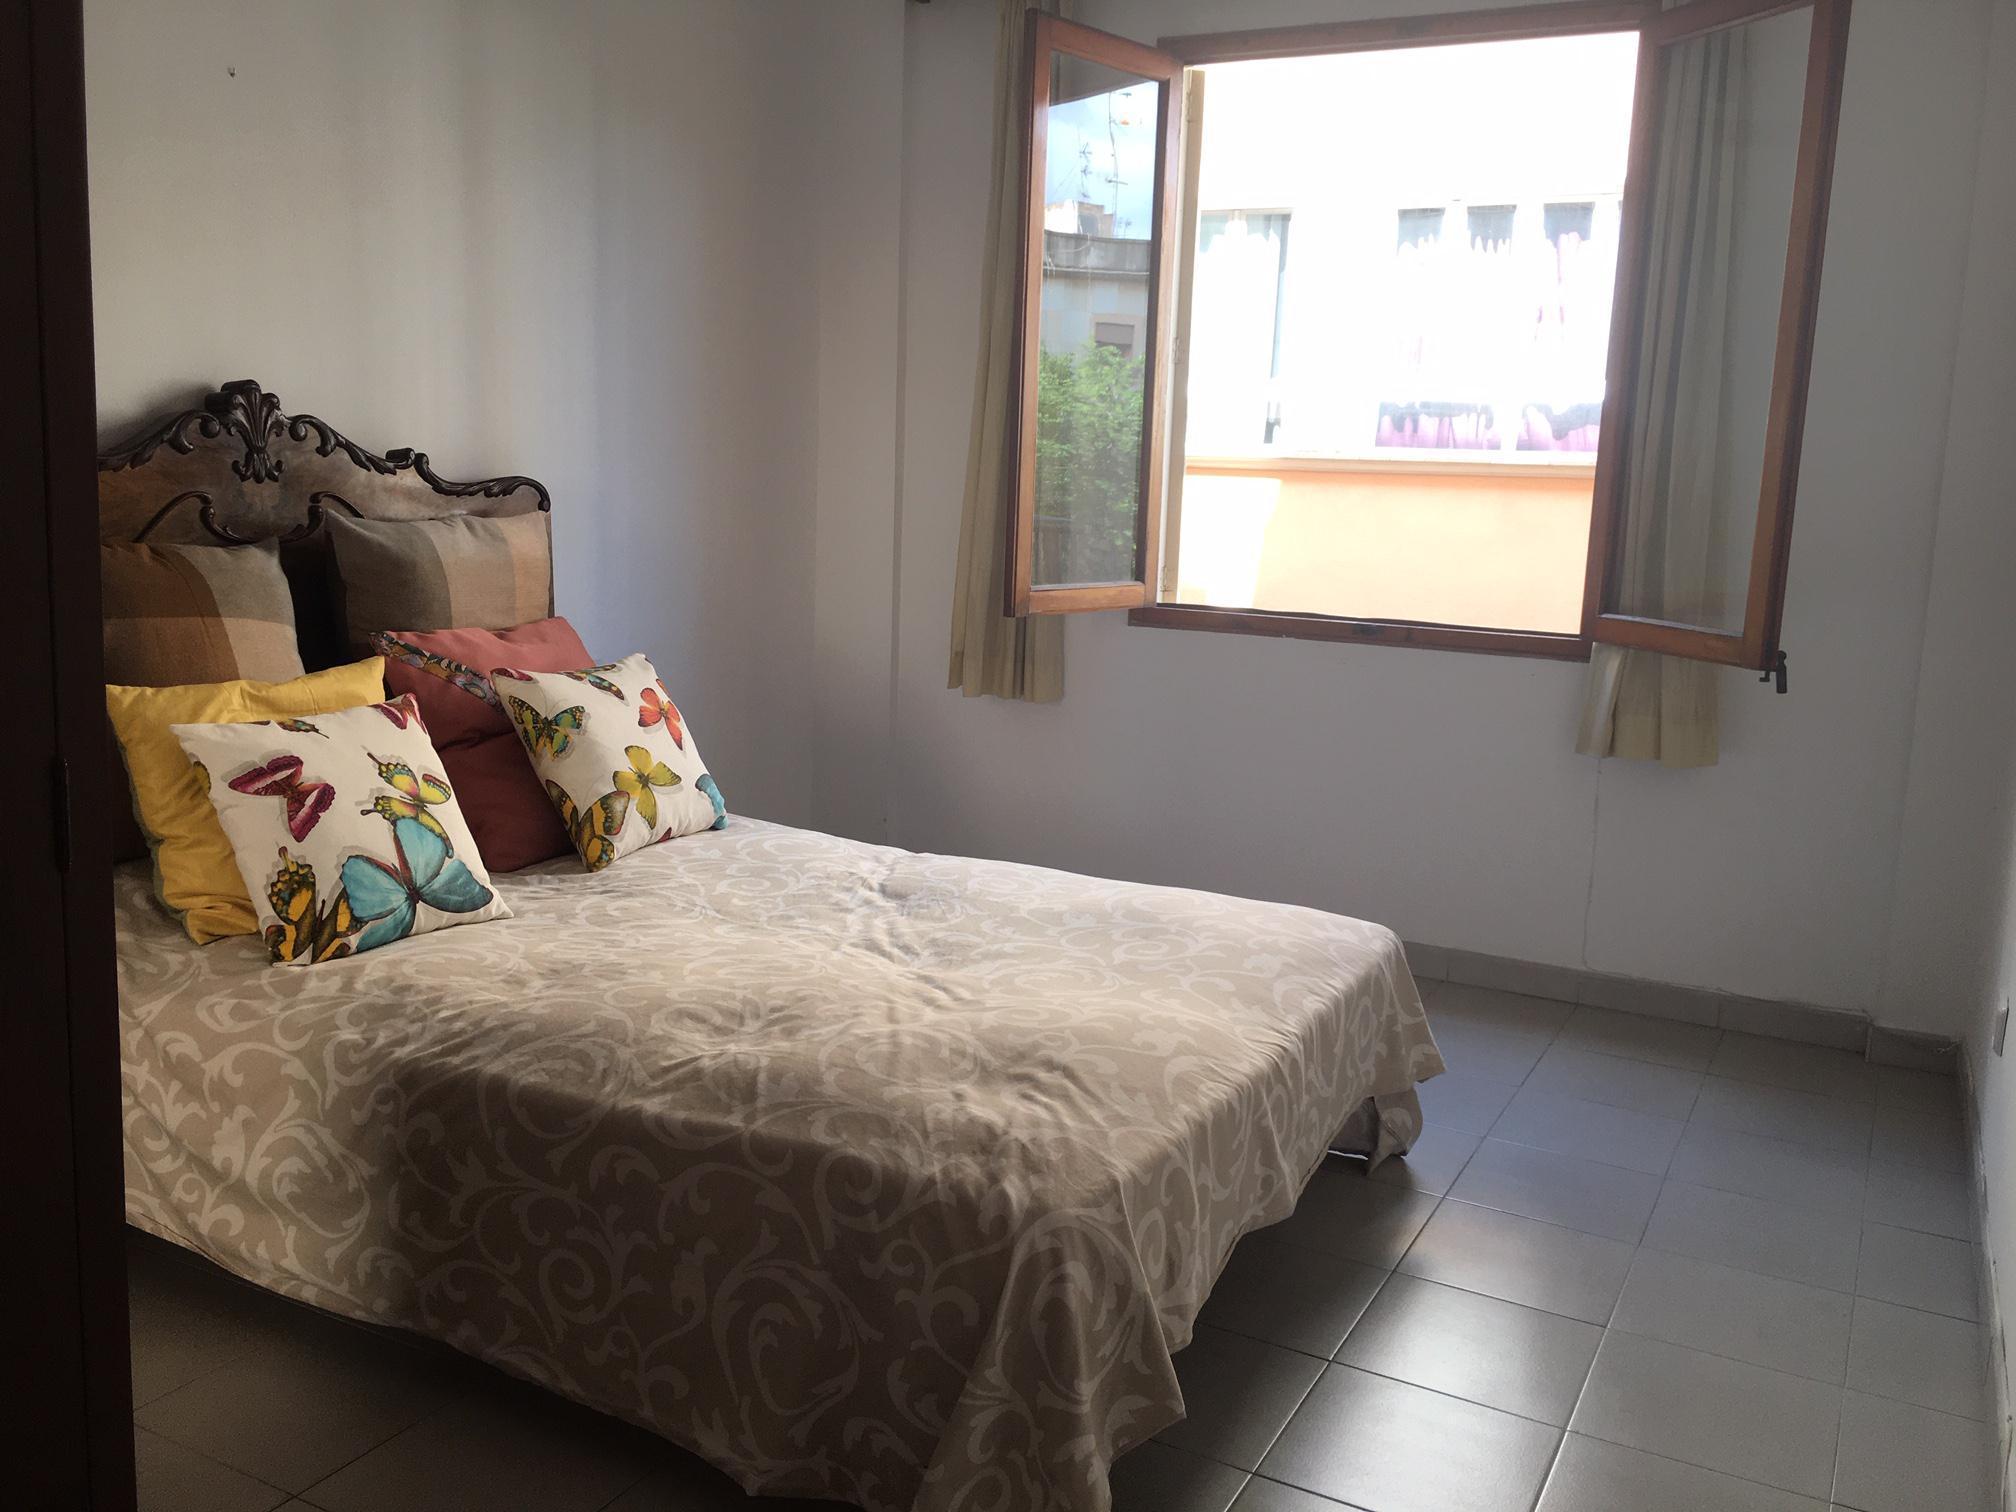 Imagen 2 Piso en venta en Palma / Blanquerna - en pleno centro de Palma